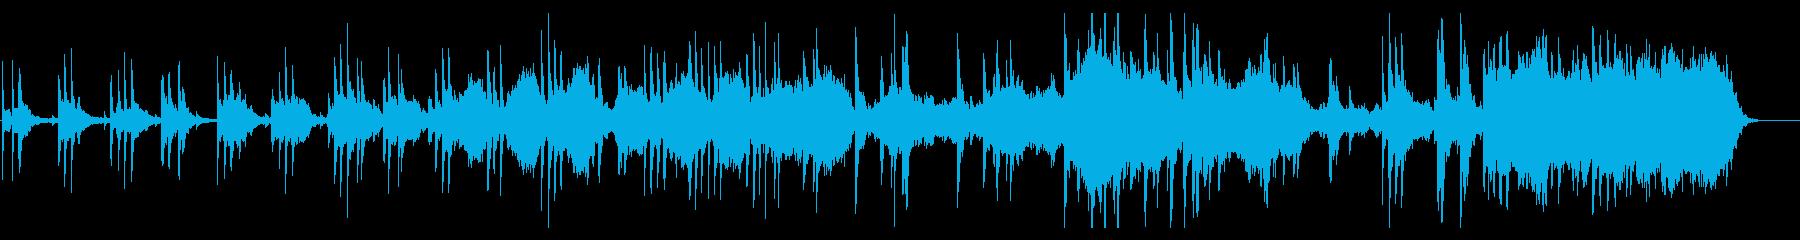 ピアノとストリングス、ボイスの感傷的な曲の再生済みの波形